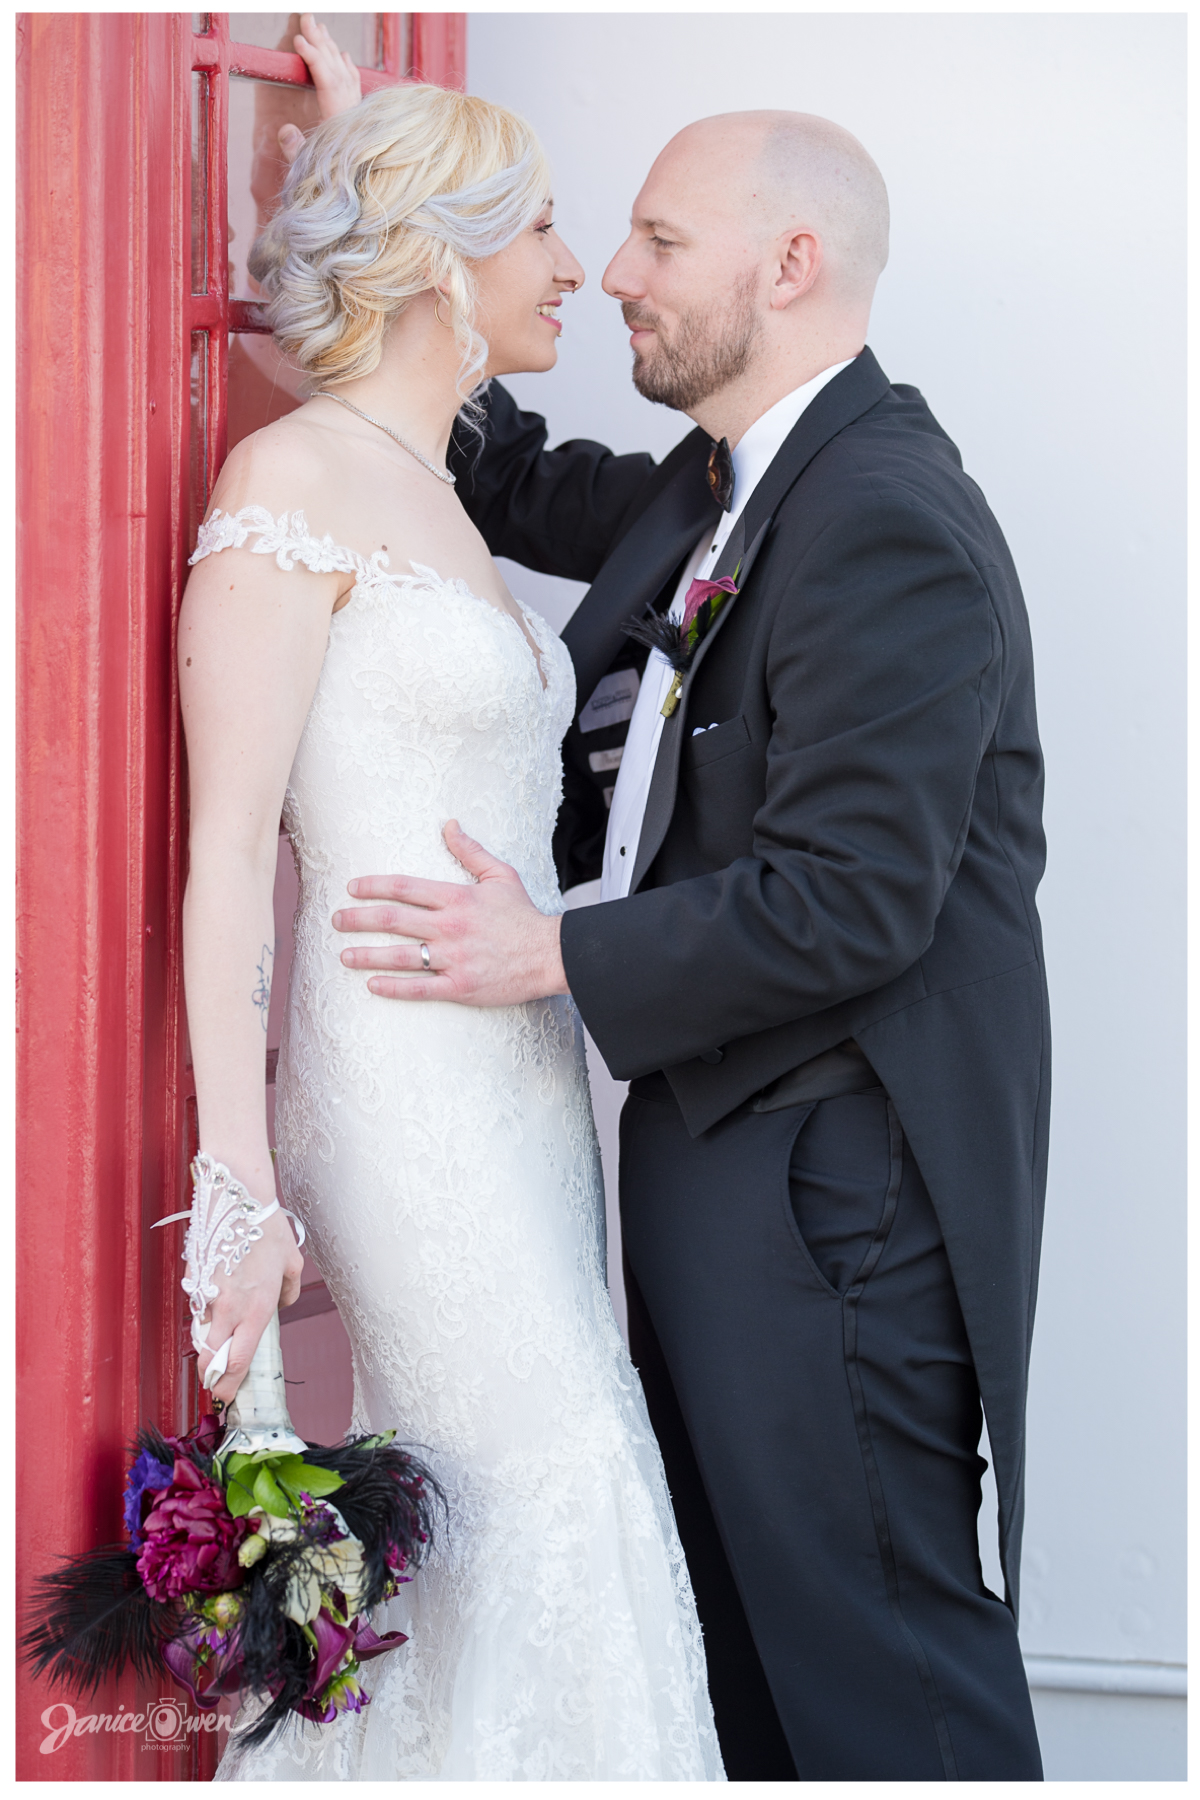 janiceowenphotography_wedding72.jpg